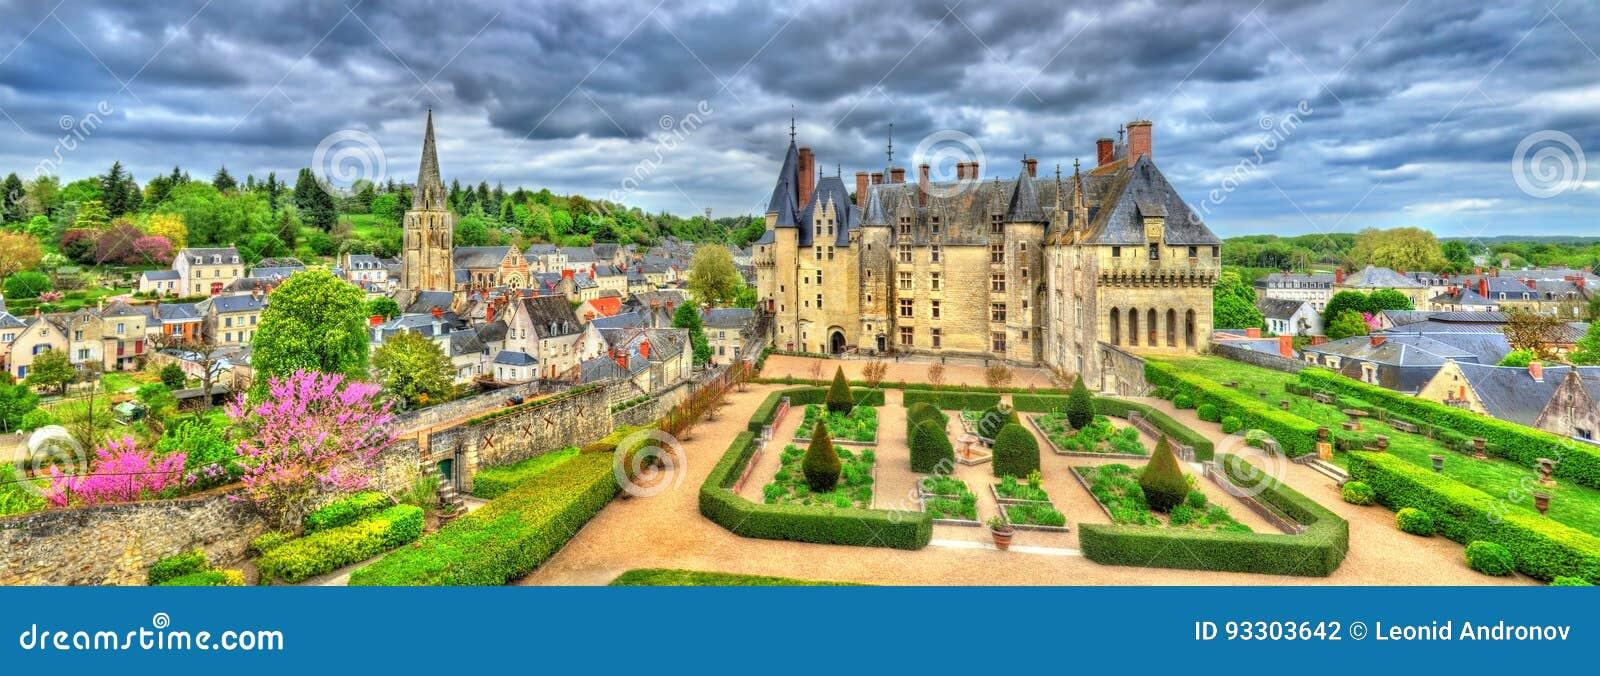 Ansicht des Chateaus de Langeais, ein Schloss im Loire Valley, Frankreich